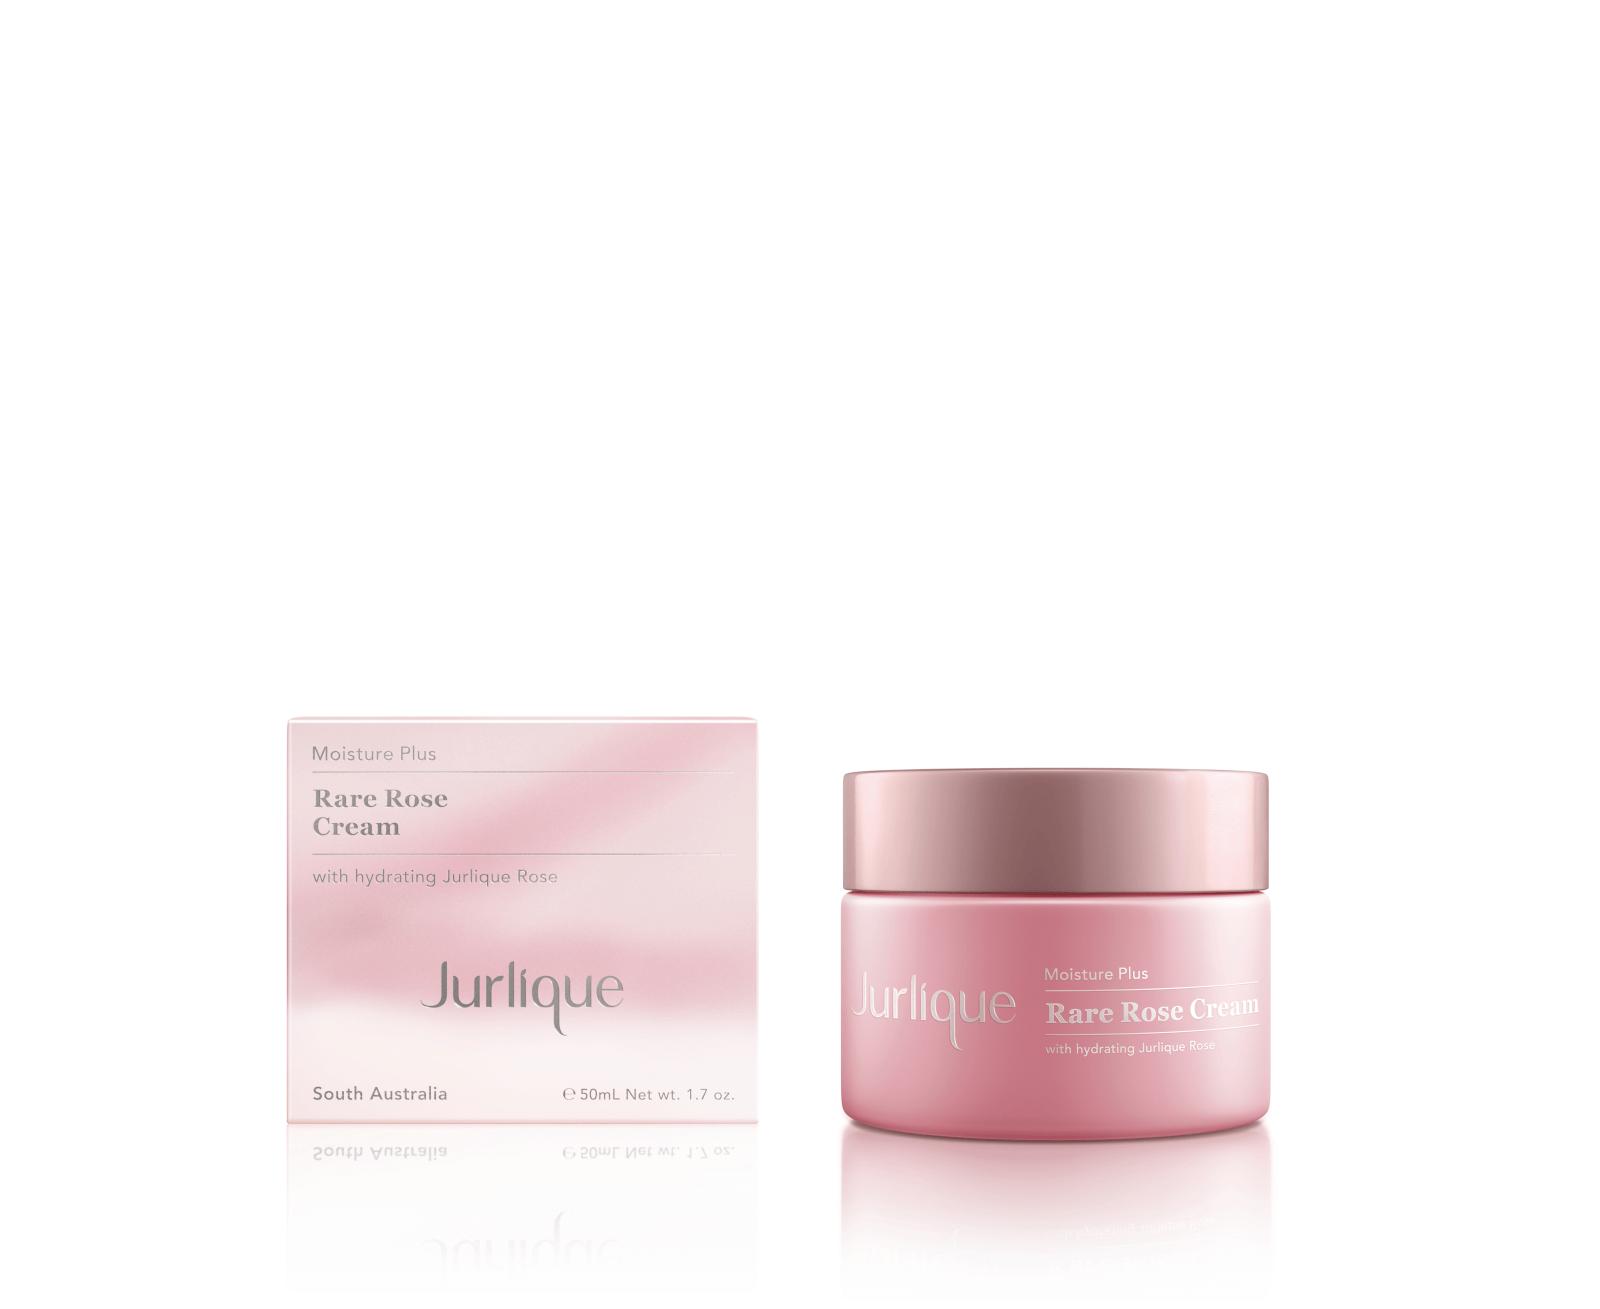 Купить Jurlique Moisture Plus Rare Rose Cream 50ml